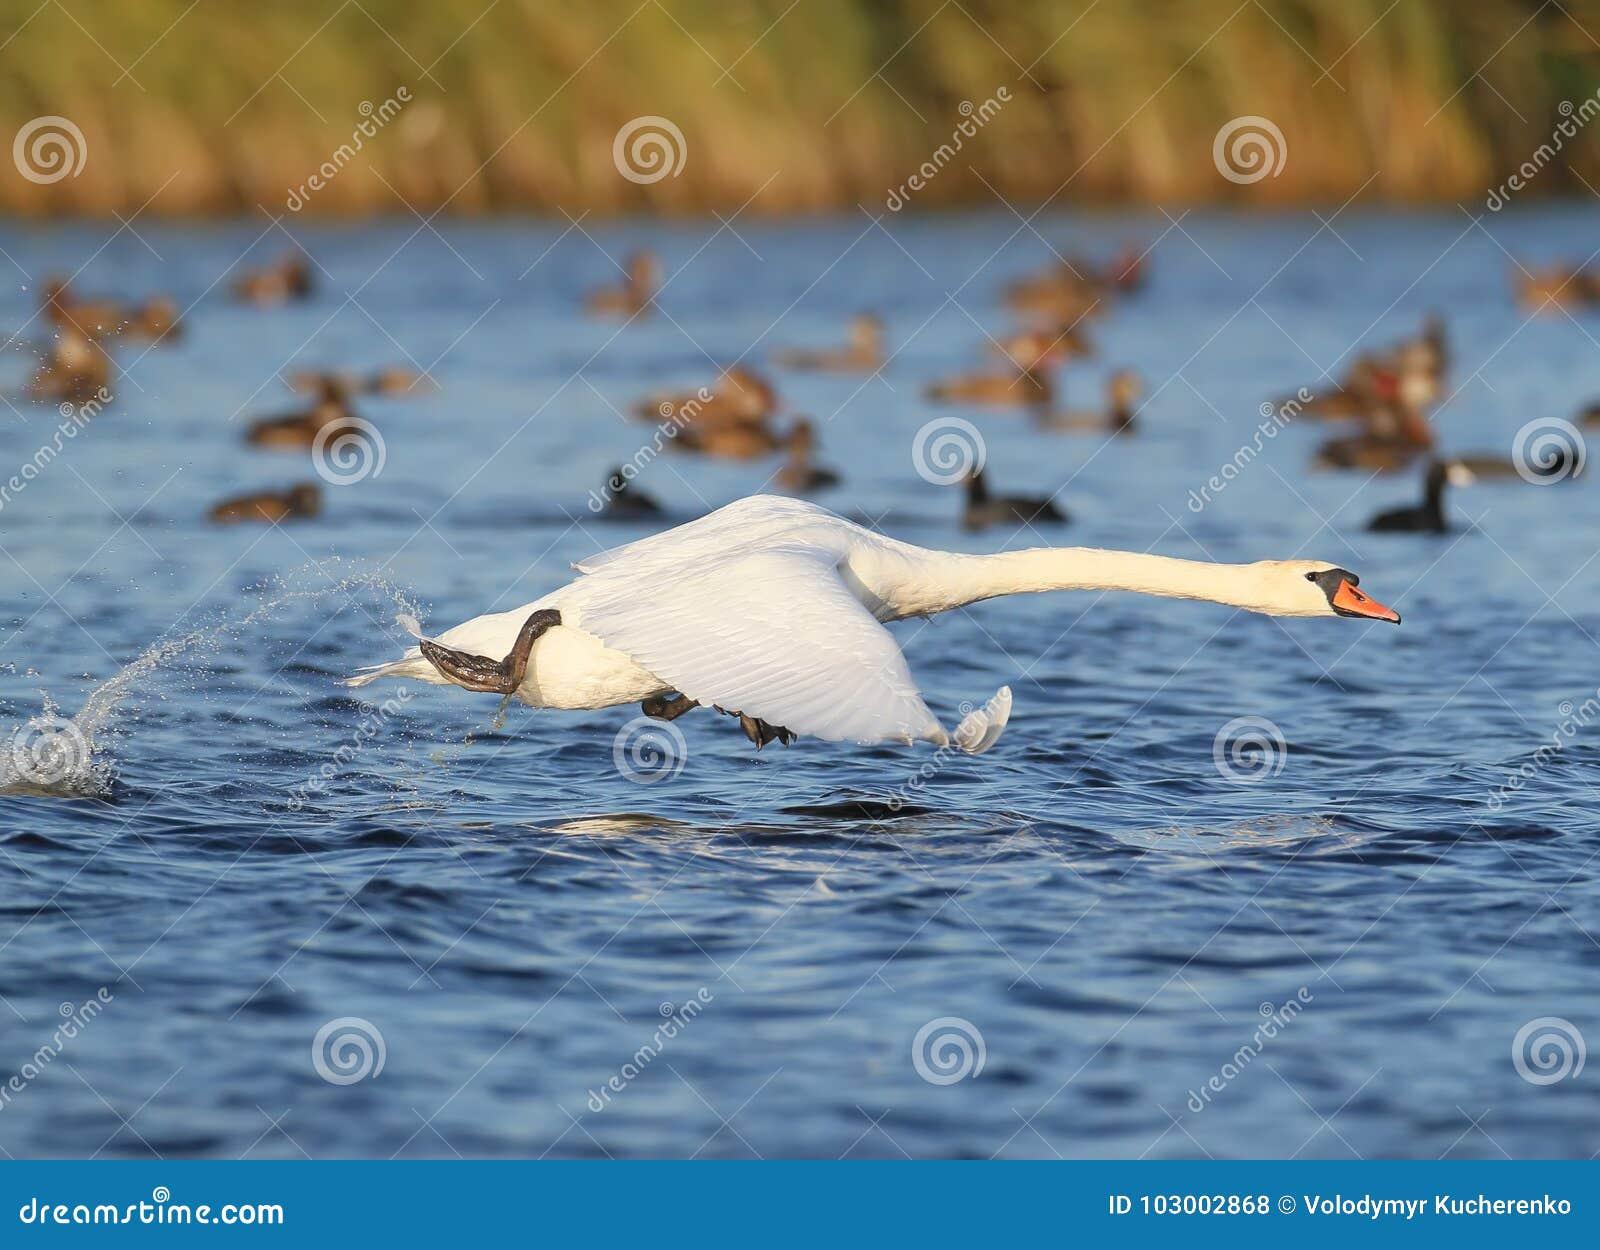 A cisne adulta decola da água com um respingo